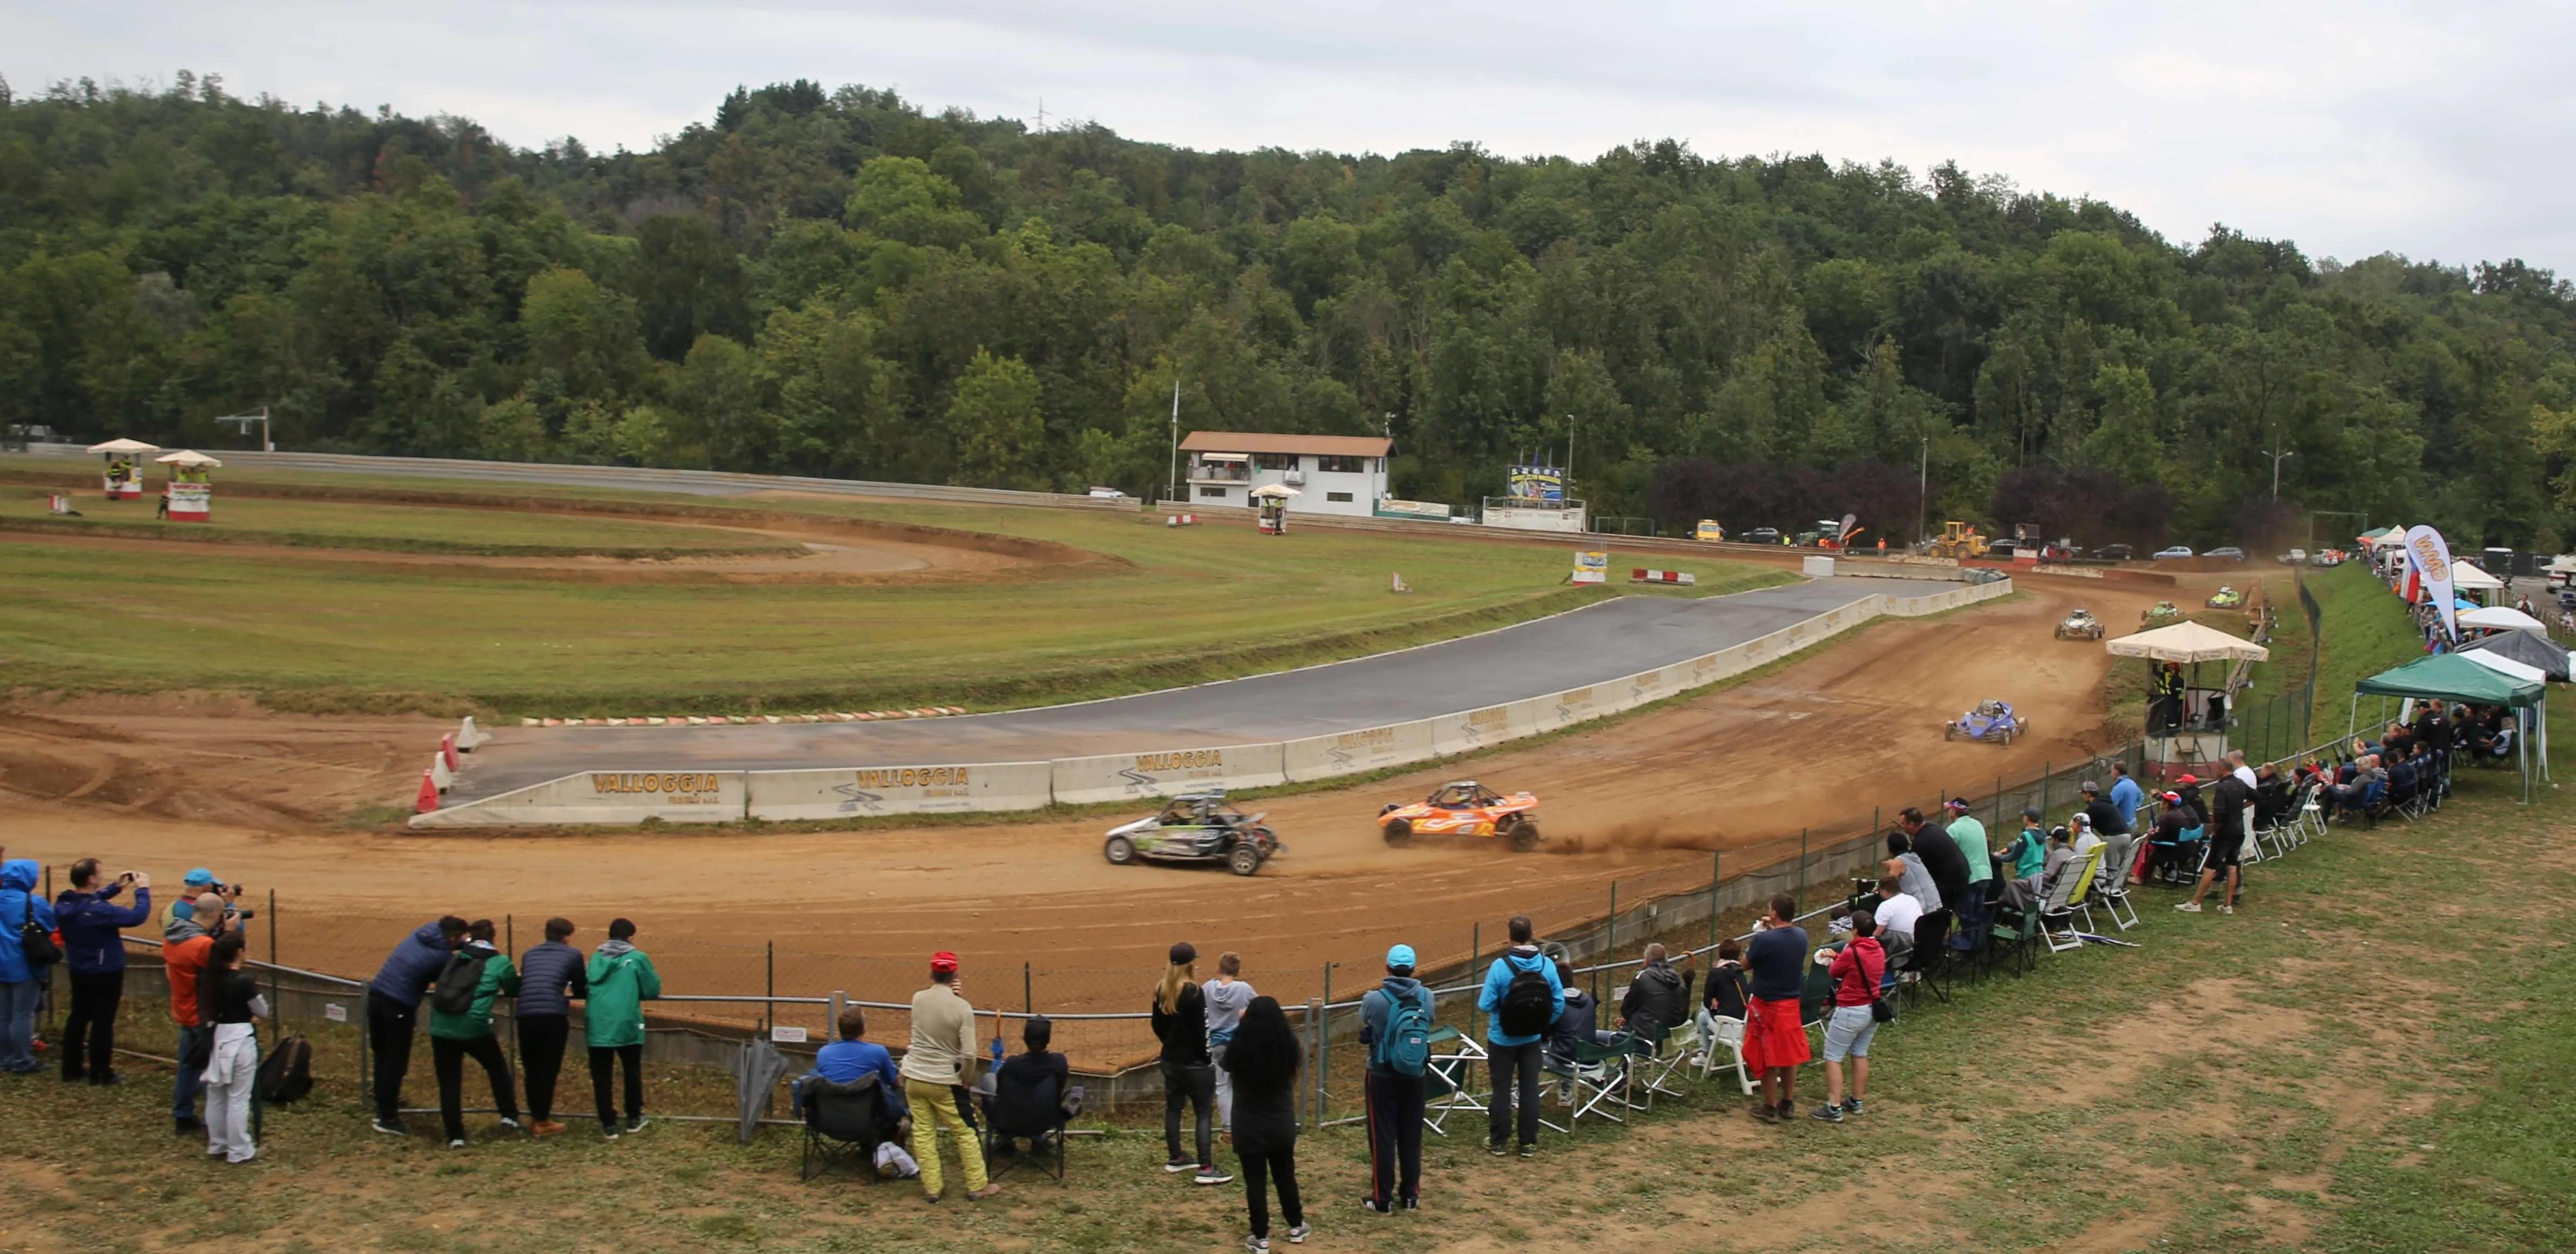 Campionato Europeo Autocross, un sabato ricco di spettacolo